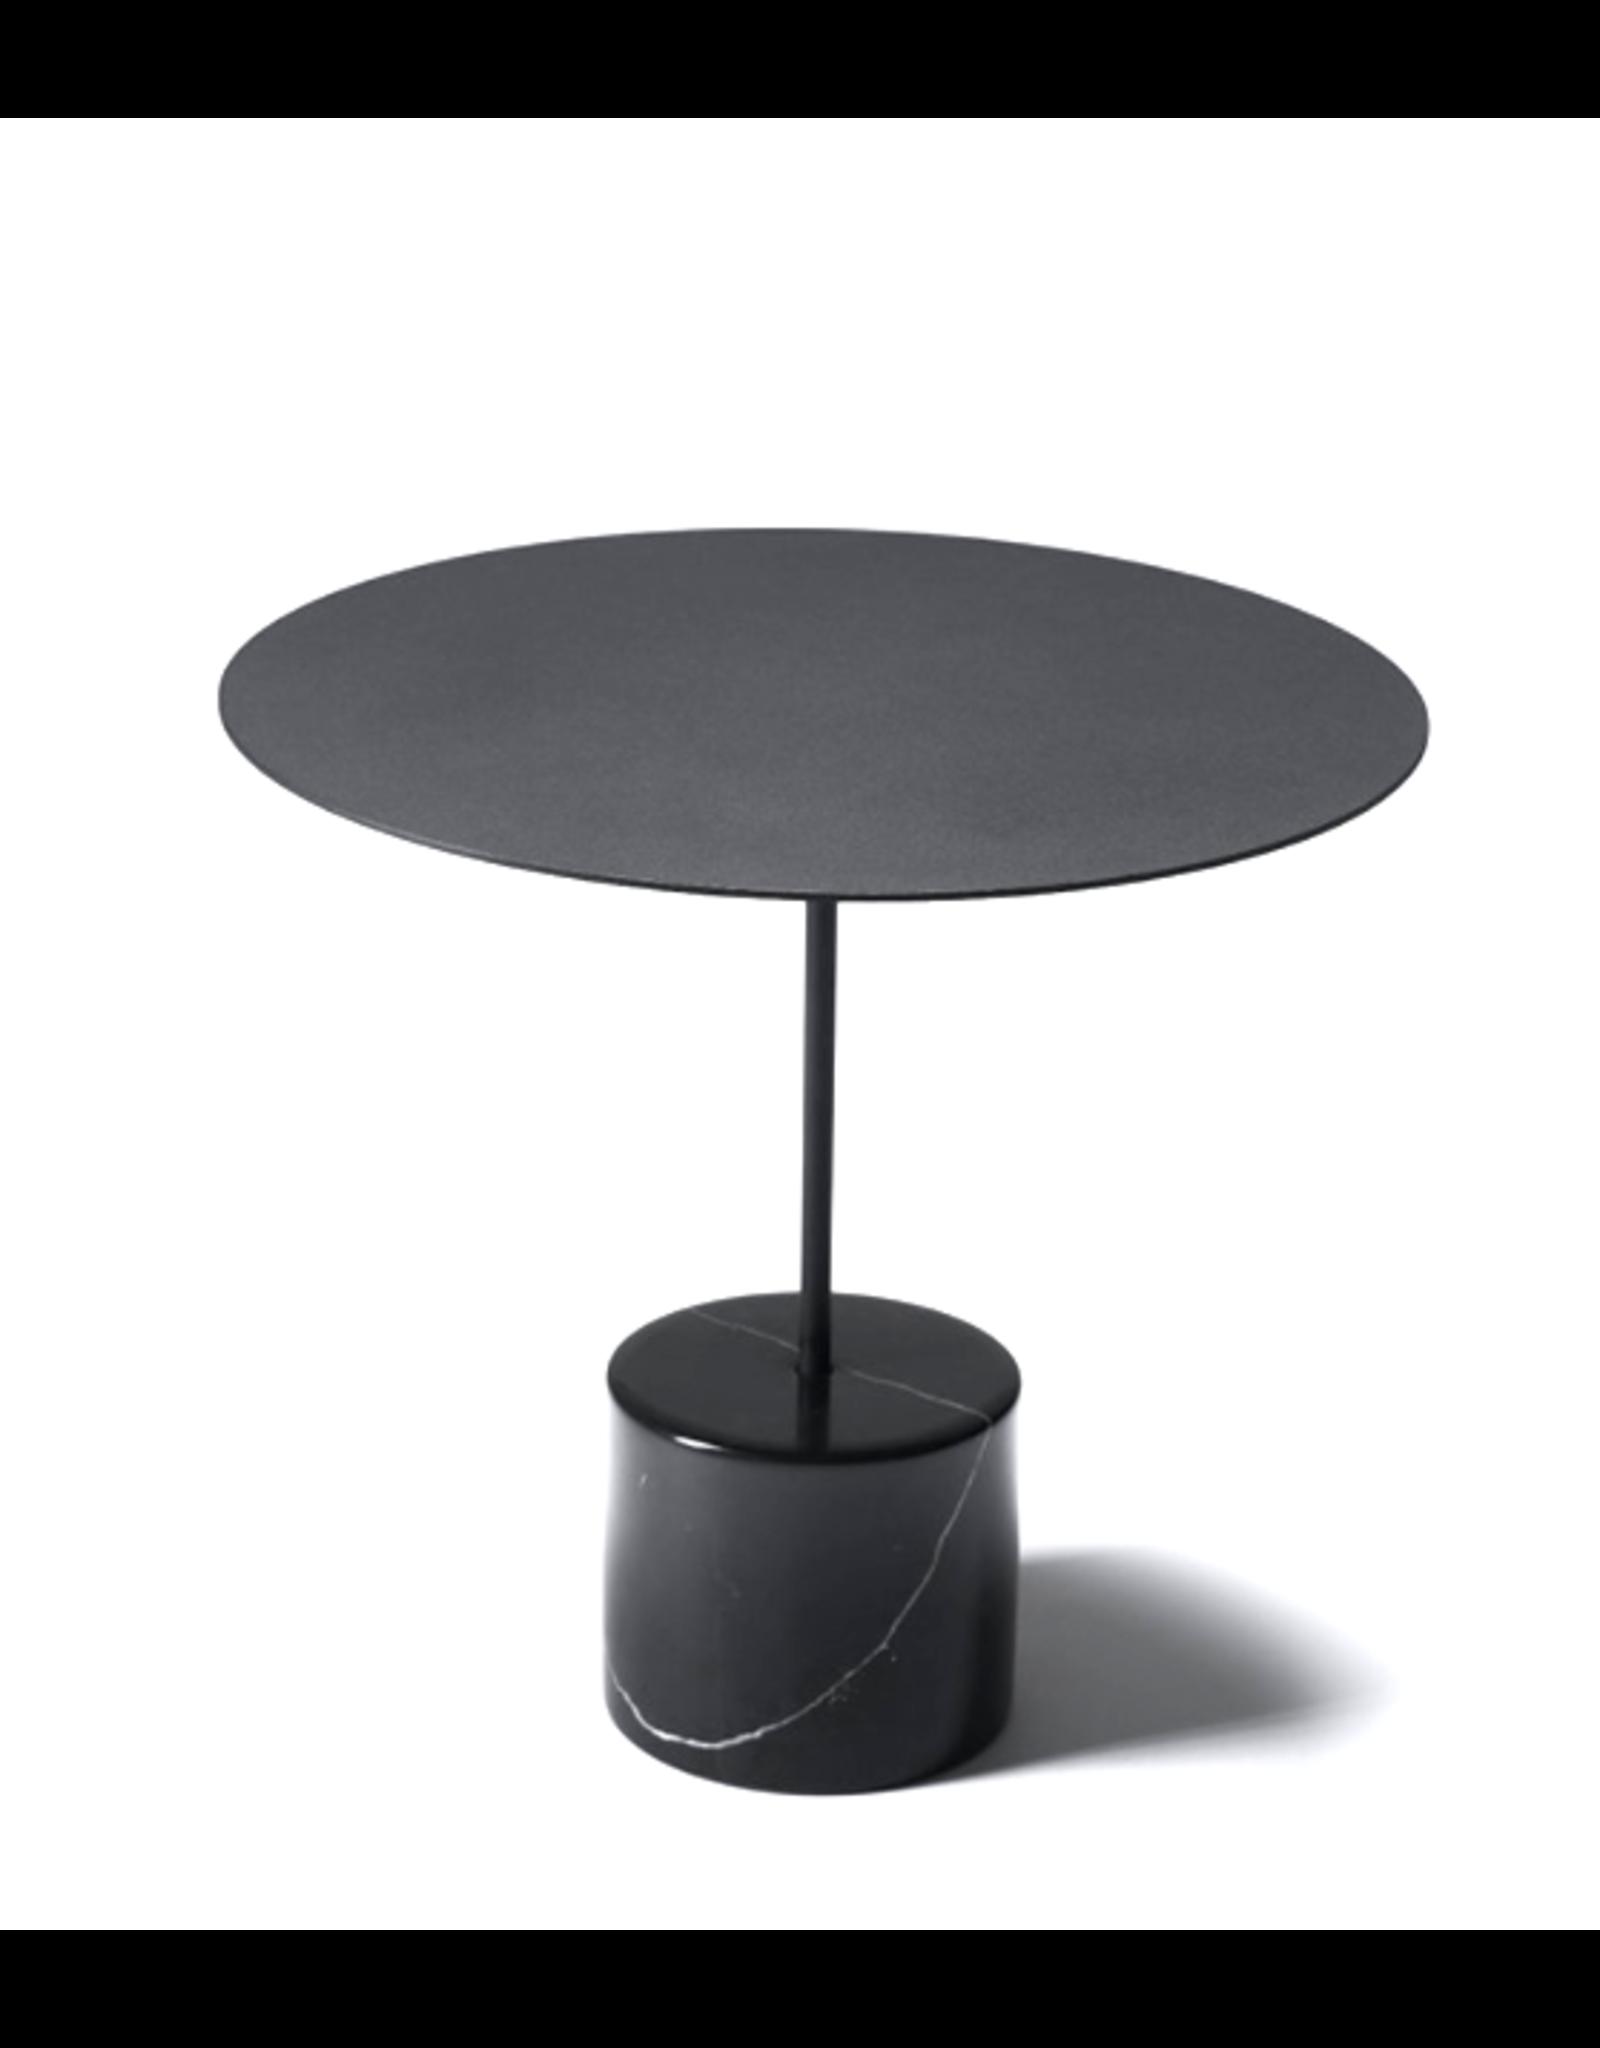 CALIBRE 大理石矮边桌